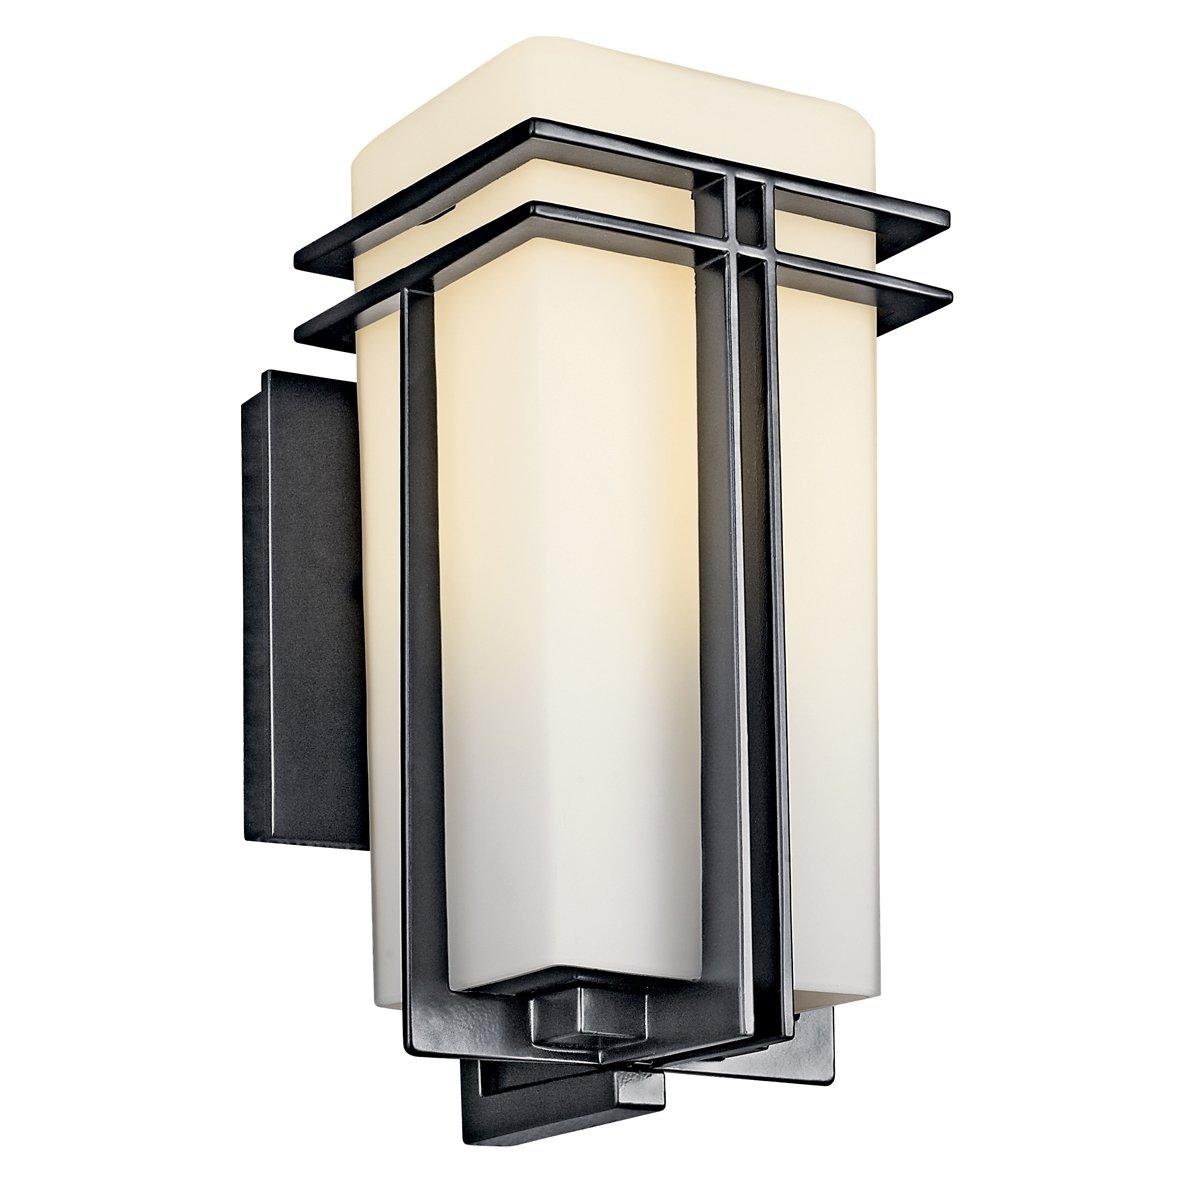 Kichler 49200BKFL, Tremillo Aluminum Outdoor Wall Sconce Light, 13 Watts Fluorescent, Black